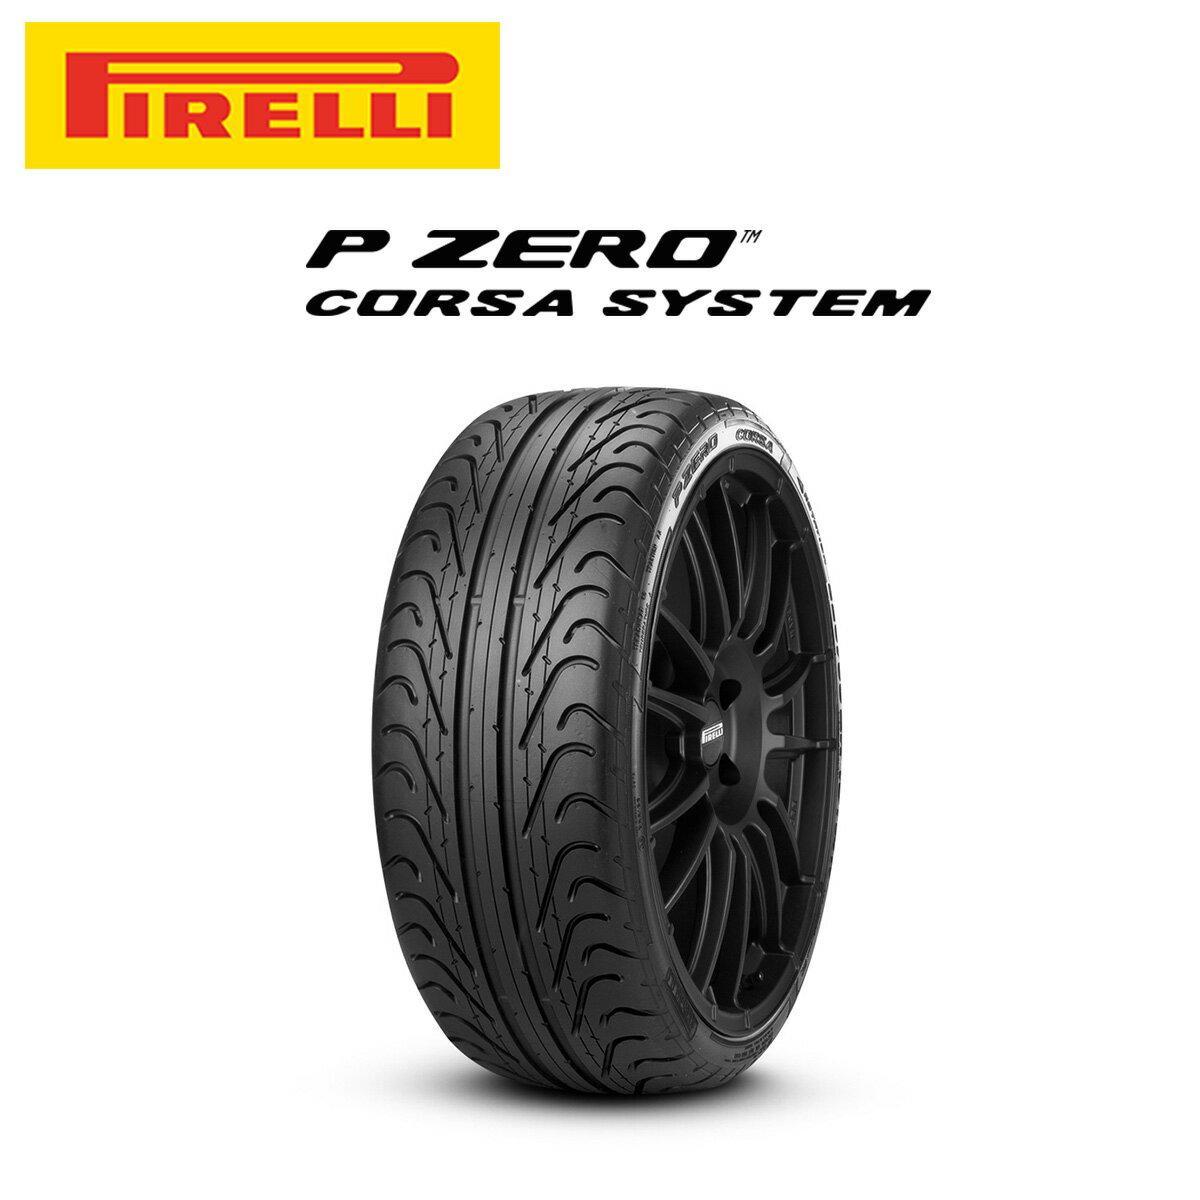 ピレリ PIRELLI P ZERO CORSA ピーゼロコルサ 20インチ サマー タイヤ 4本 セット 245/30ZR20 90Y XL L:ランボルギーニ承認タイヤ 2572500